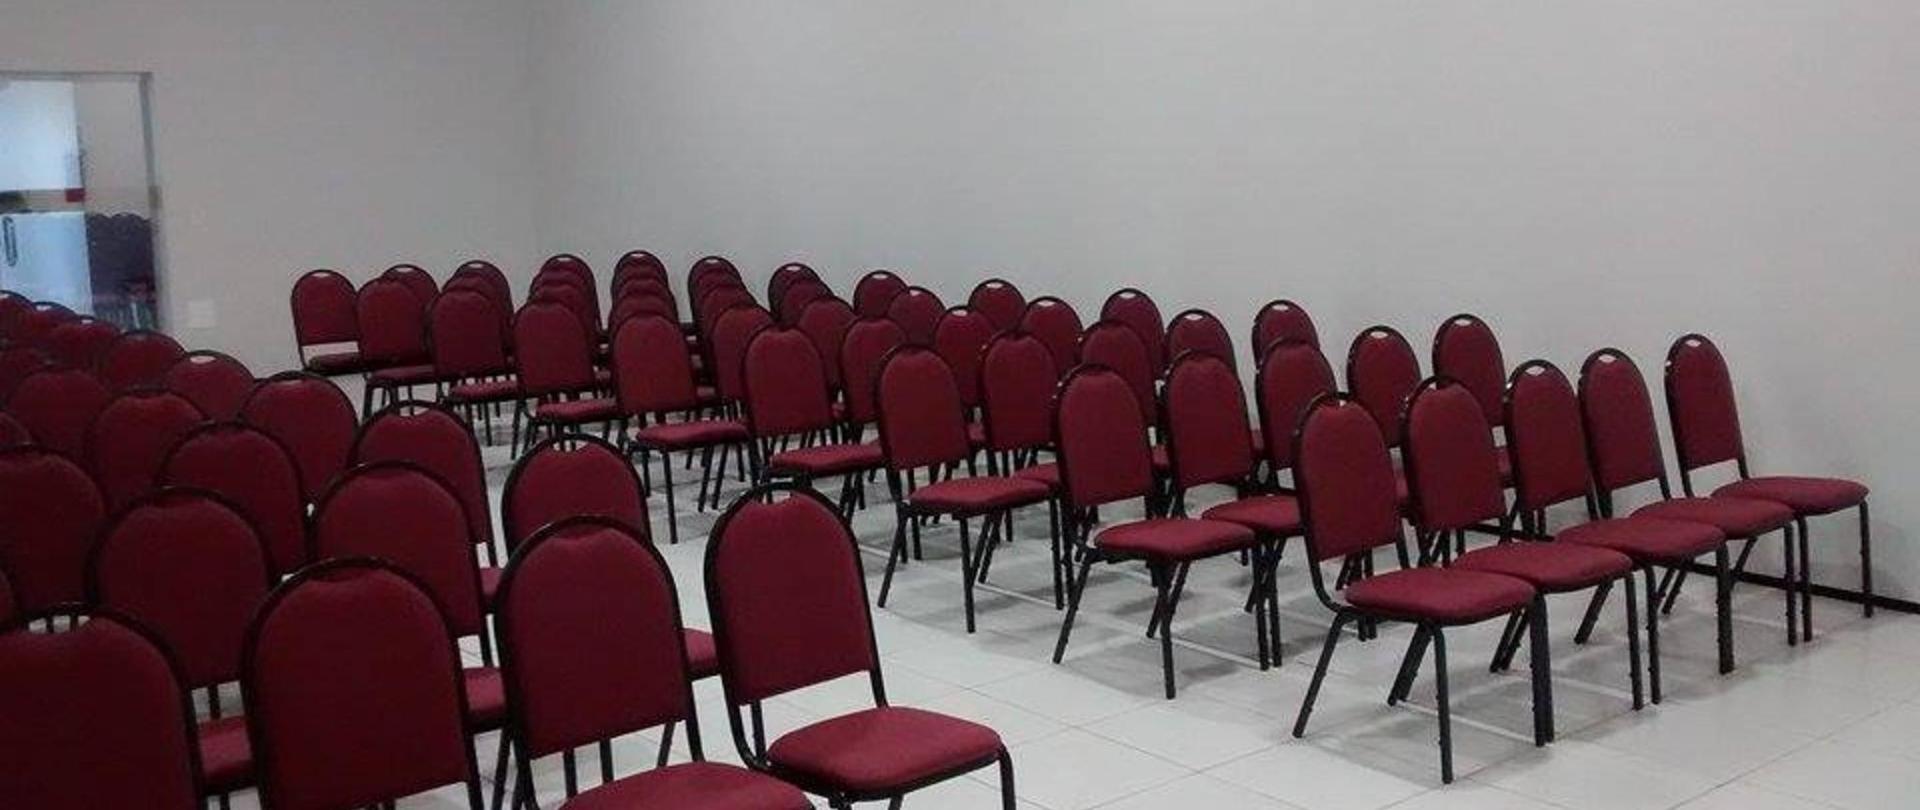 FOTO DO AUDITÓRIO 01.jpg